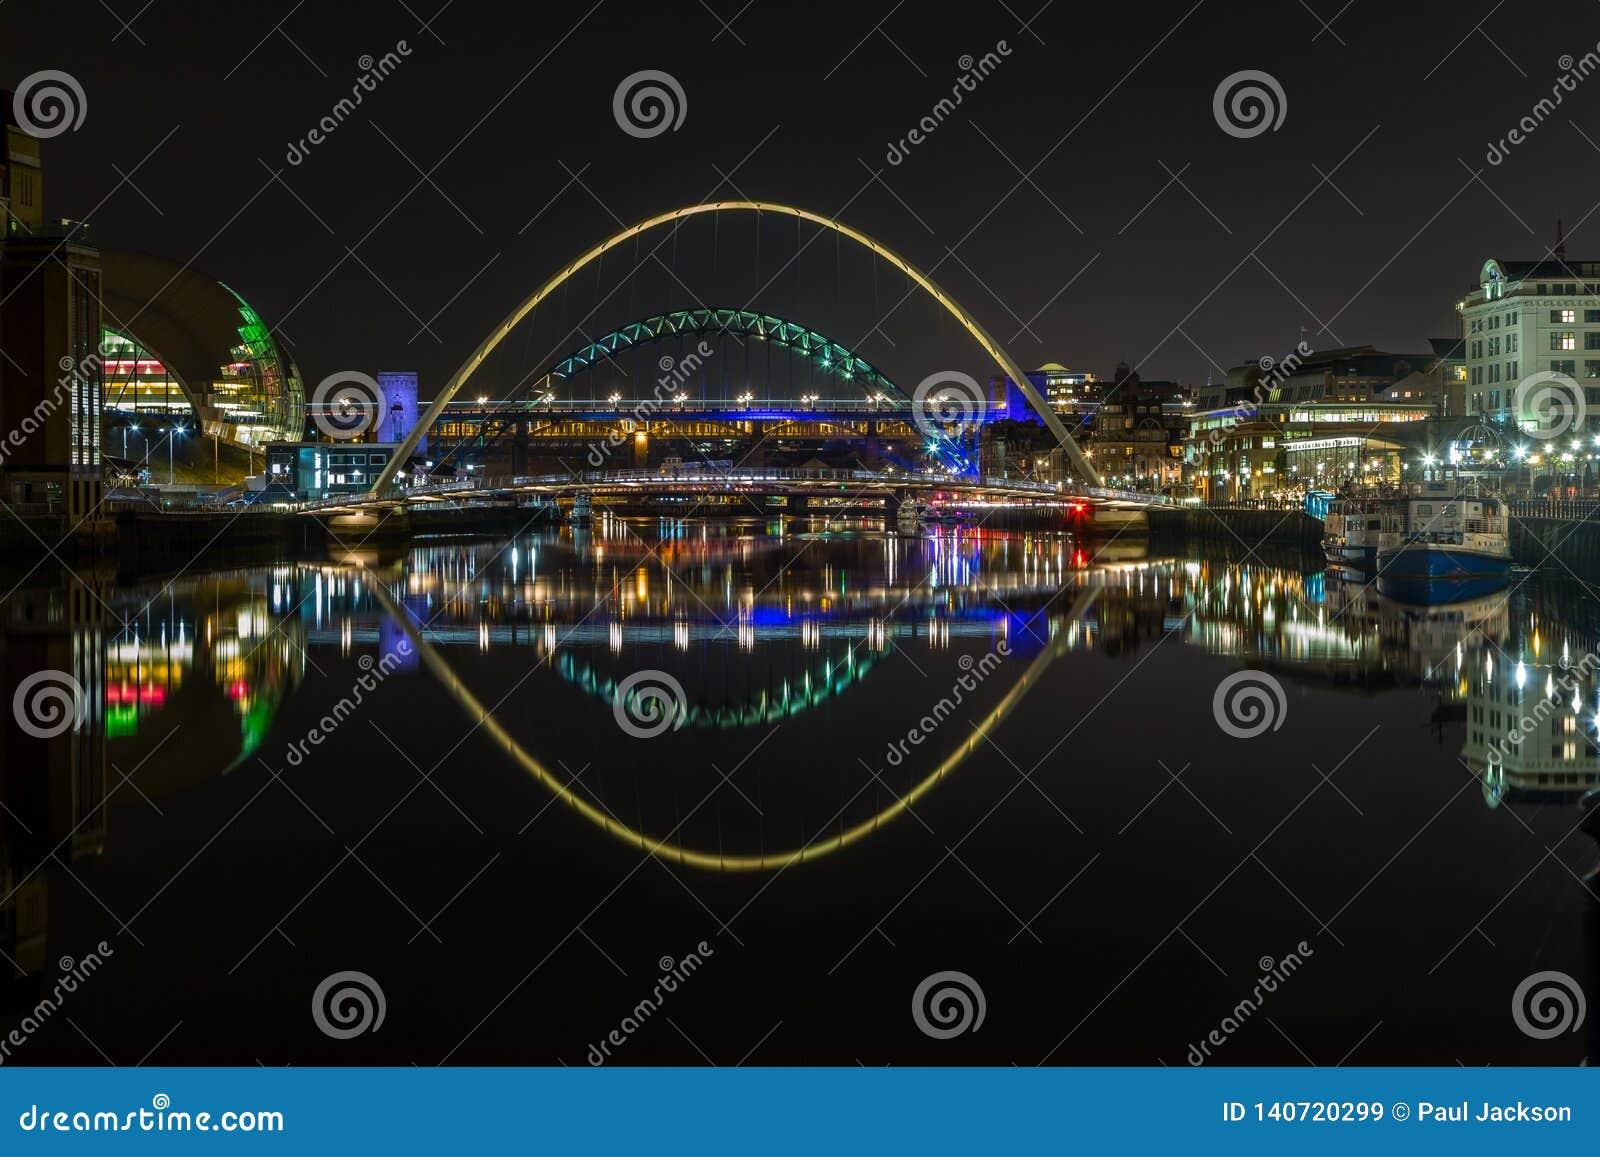 Οι φωτισμένες γέφυρες του ποταμού Τάιν, Νιουκάσλ, τη νύχτα